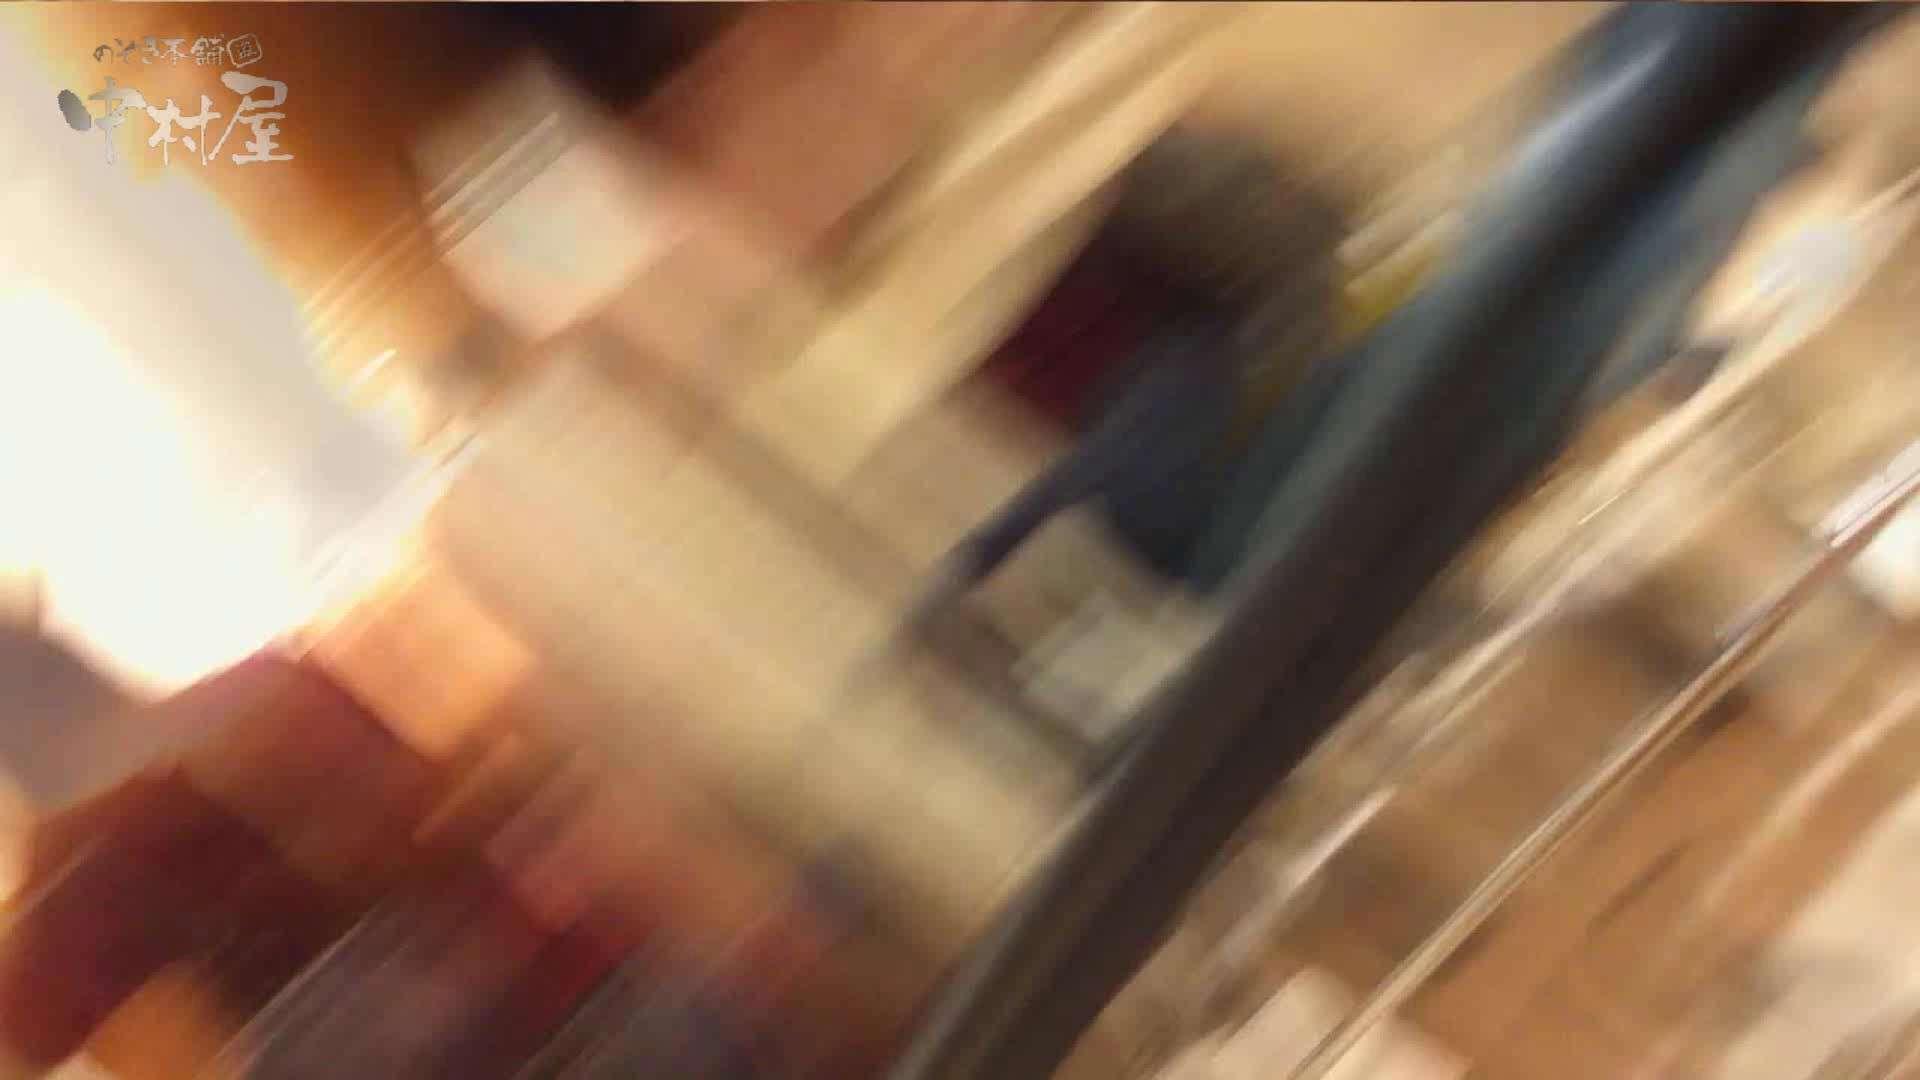 vol.69 美人アパレル胸チラ&パンチラ ストライプパンツみっけ! パンチラ ヌード画像 76枚